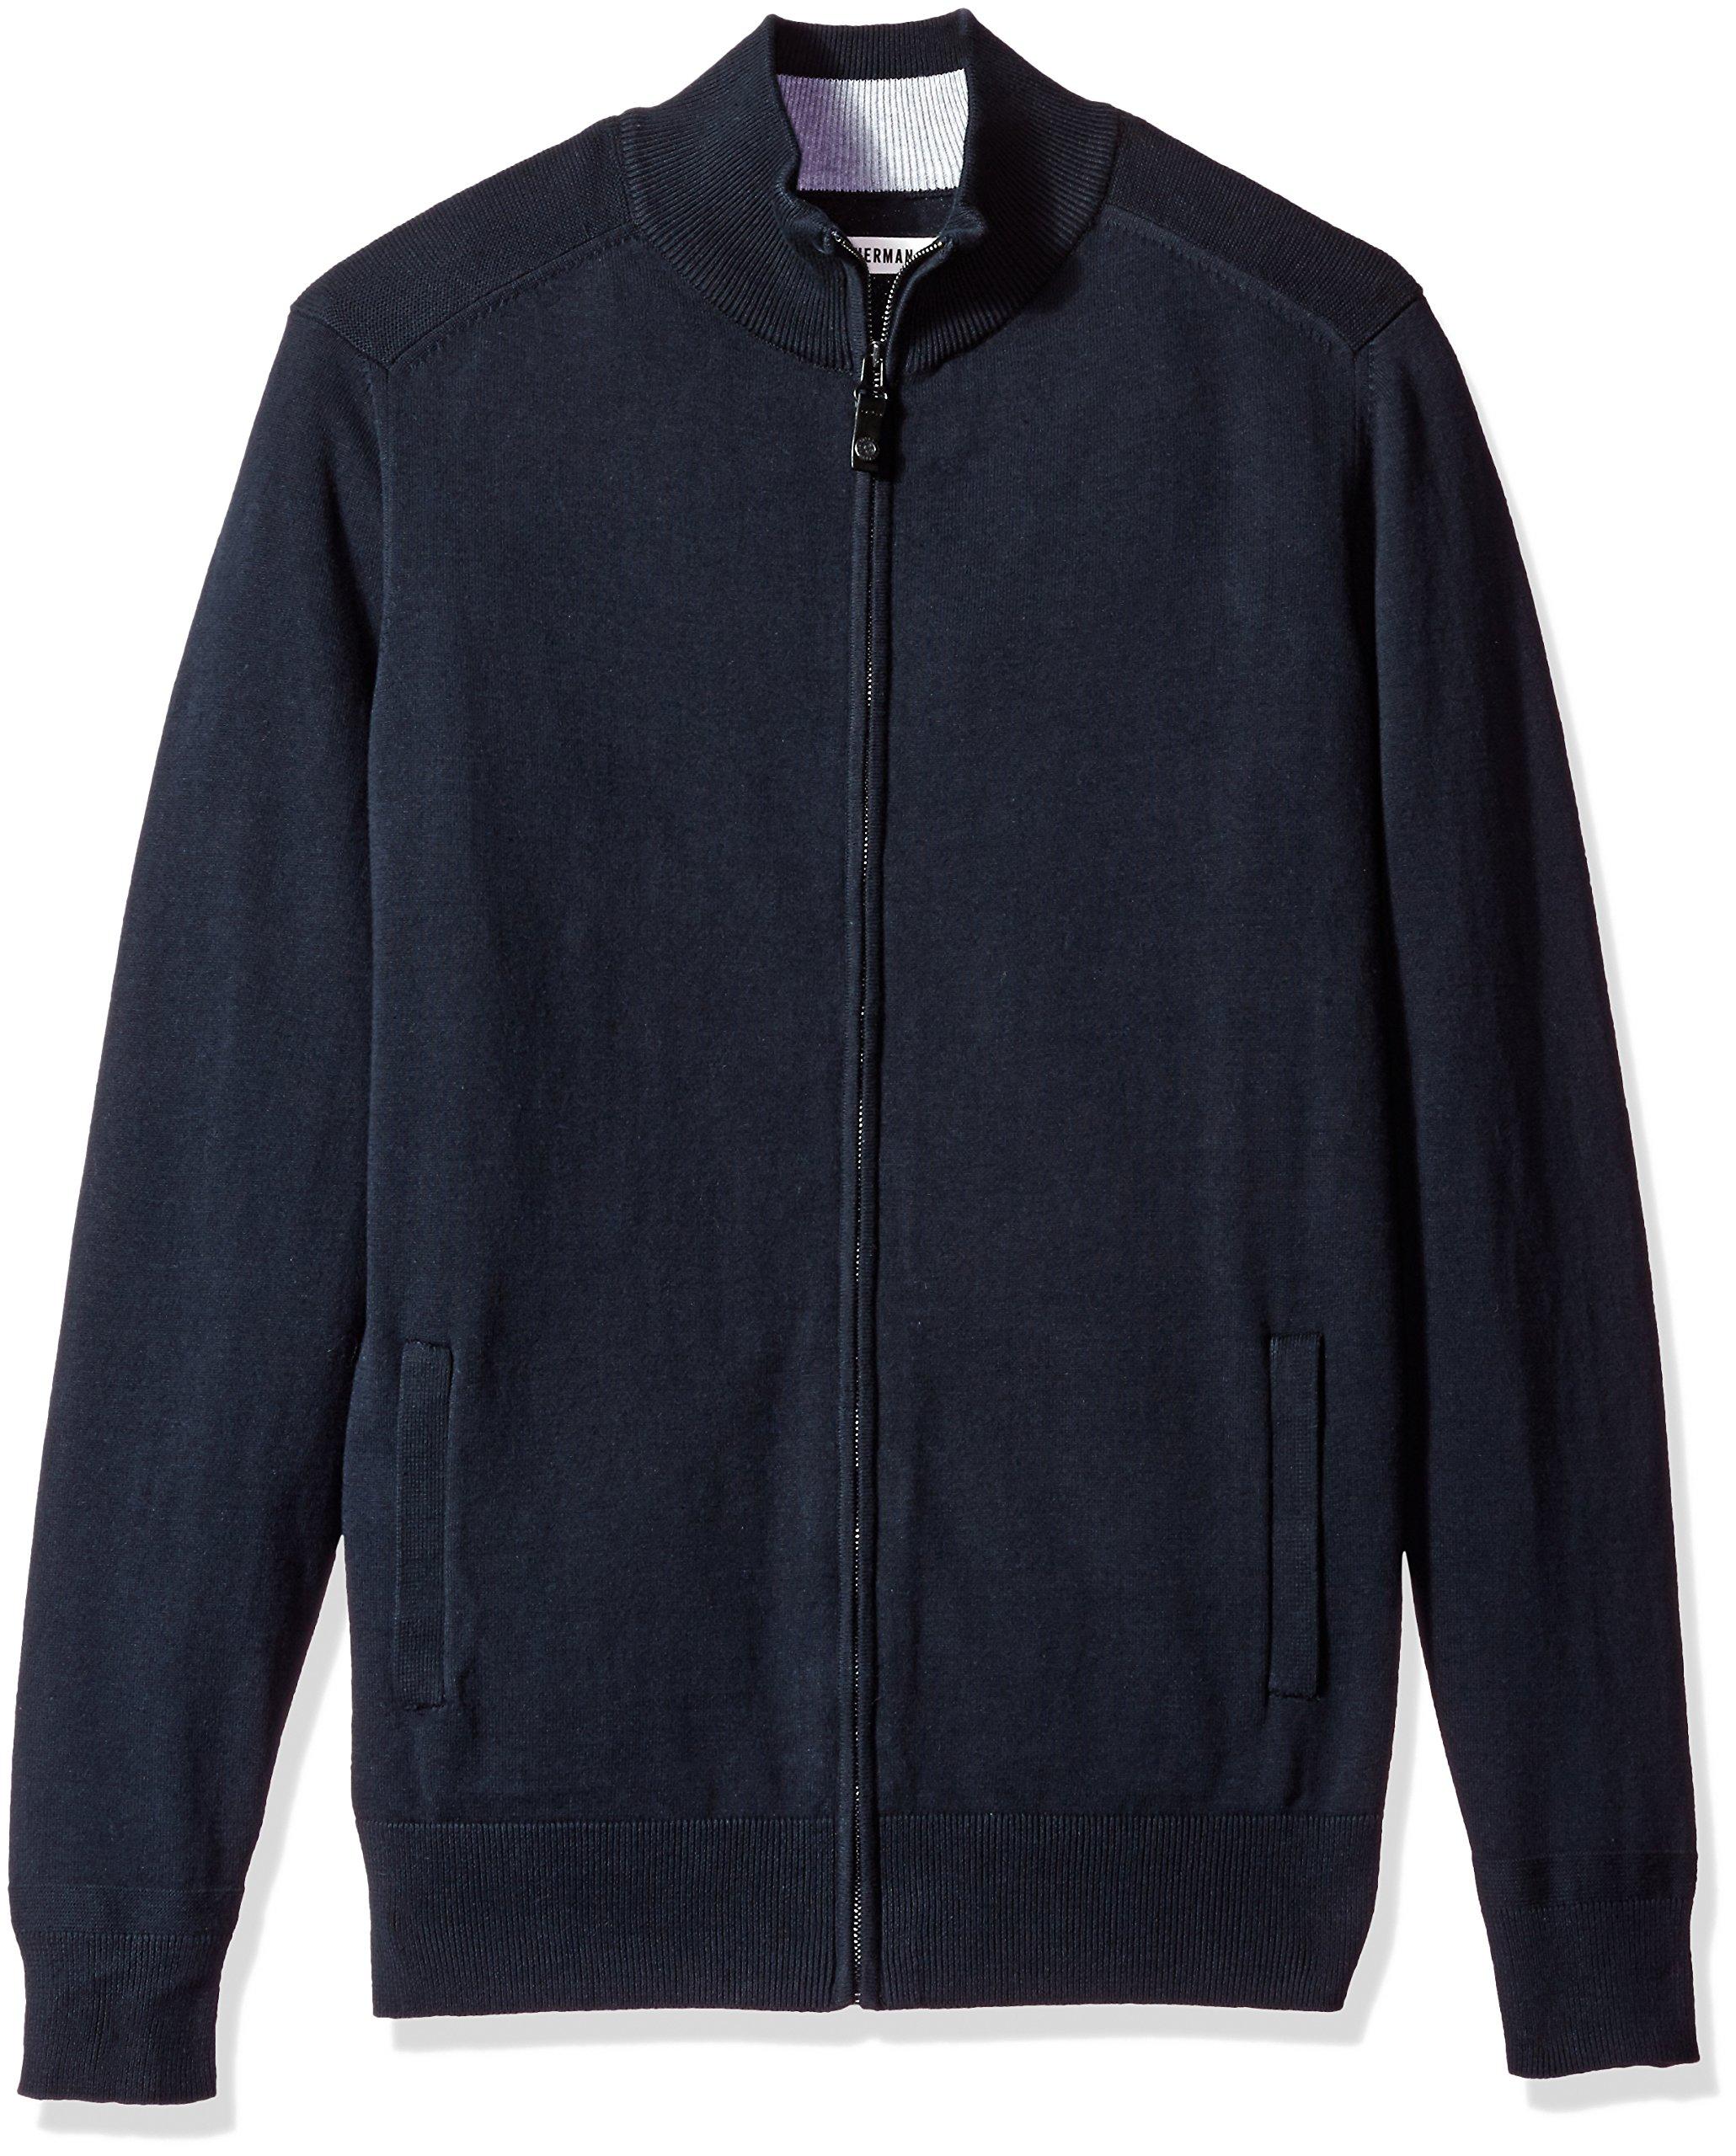 Ben Sherman Men's Full Zip Sweater, Navy Blazer, Medium